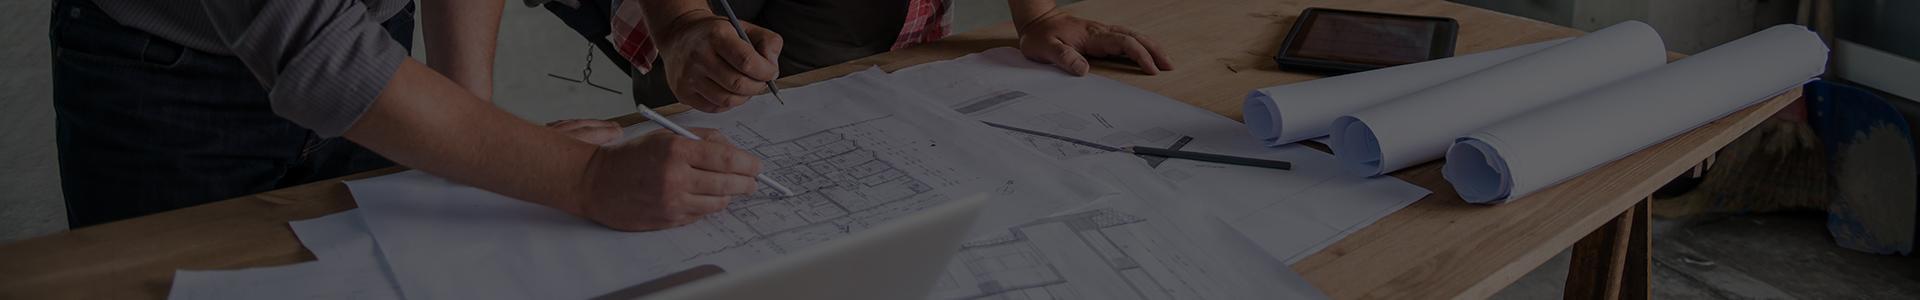 Architekci omawiają plan architektoniczny